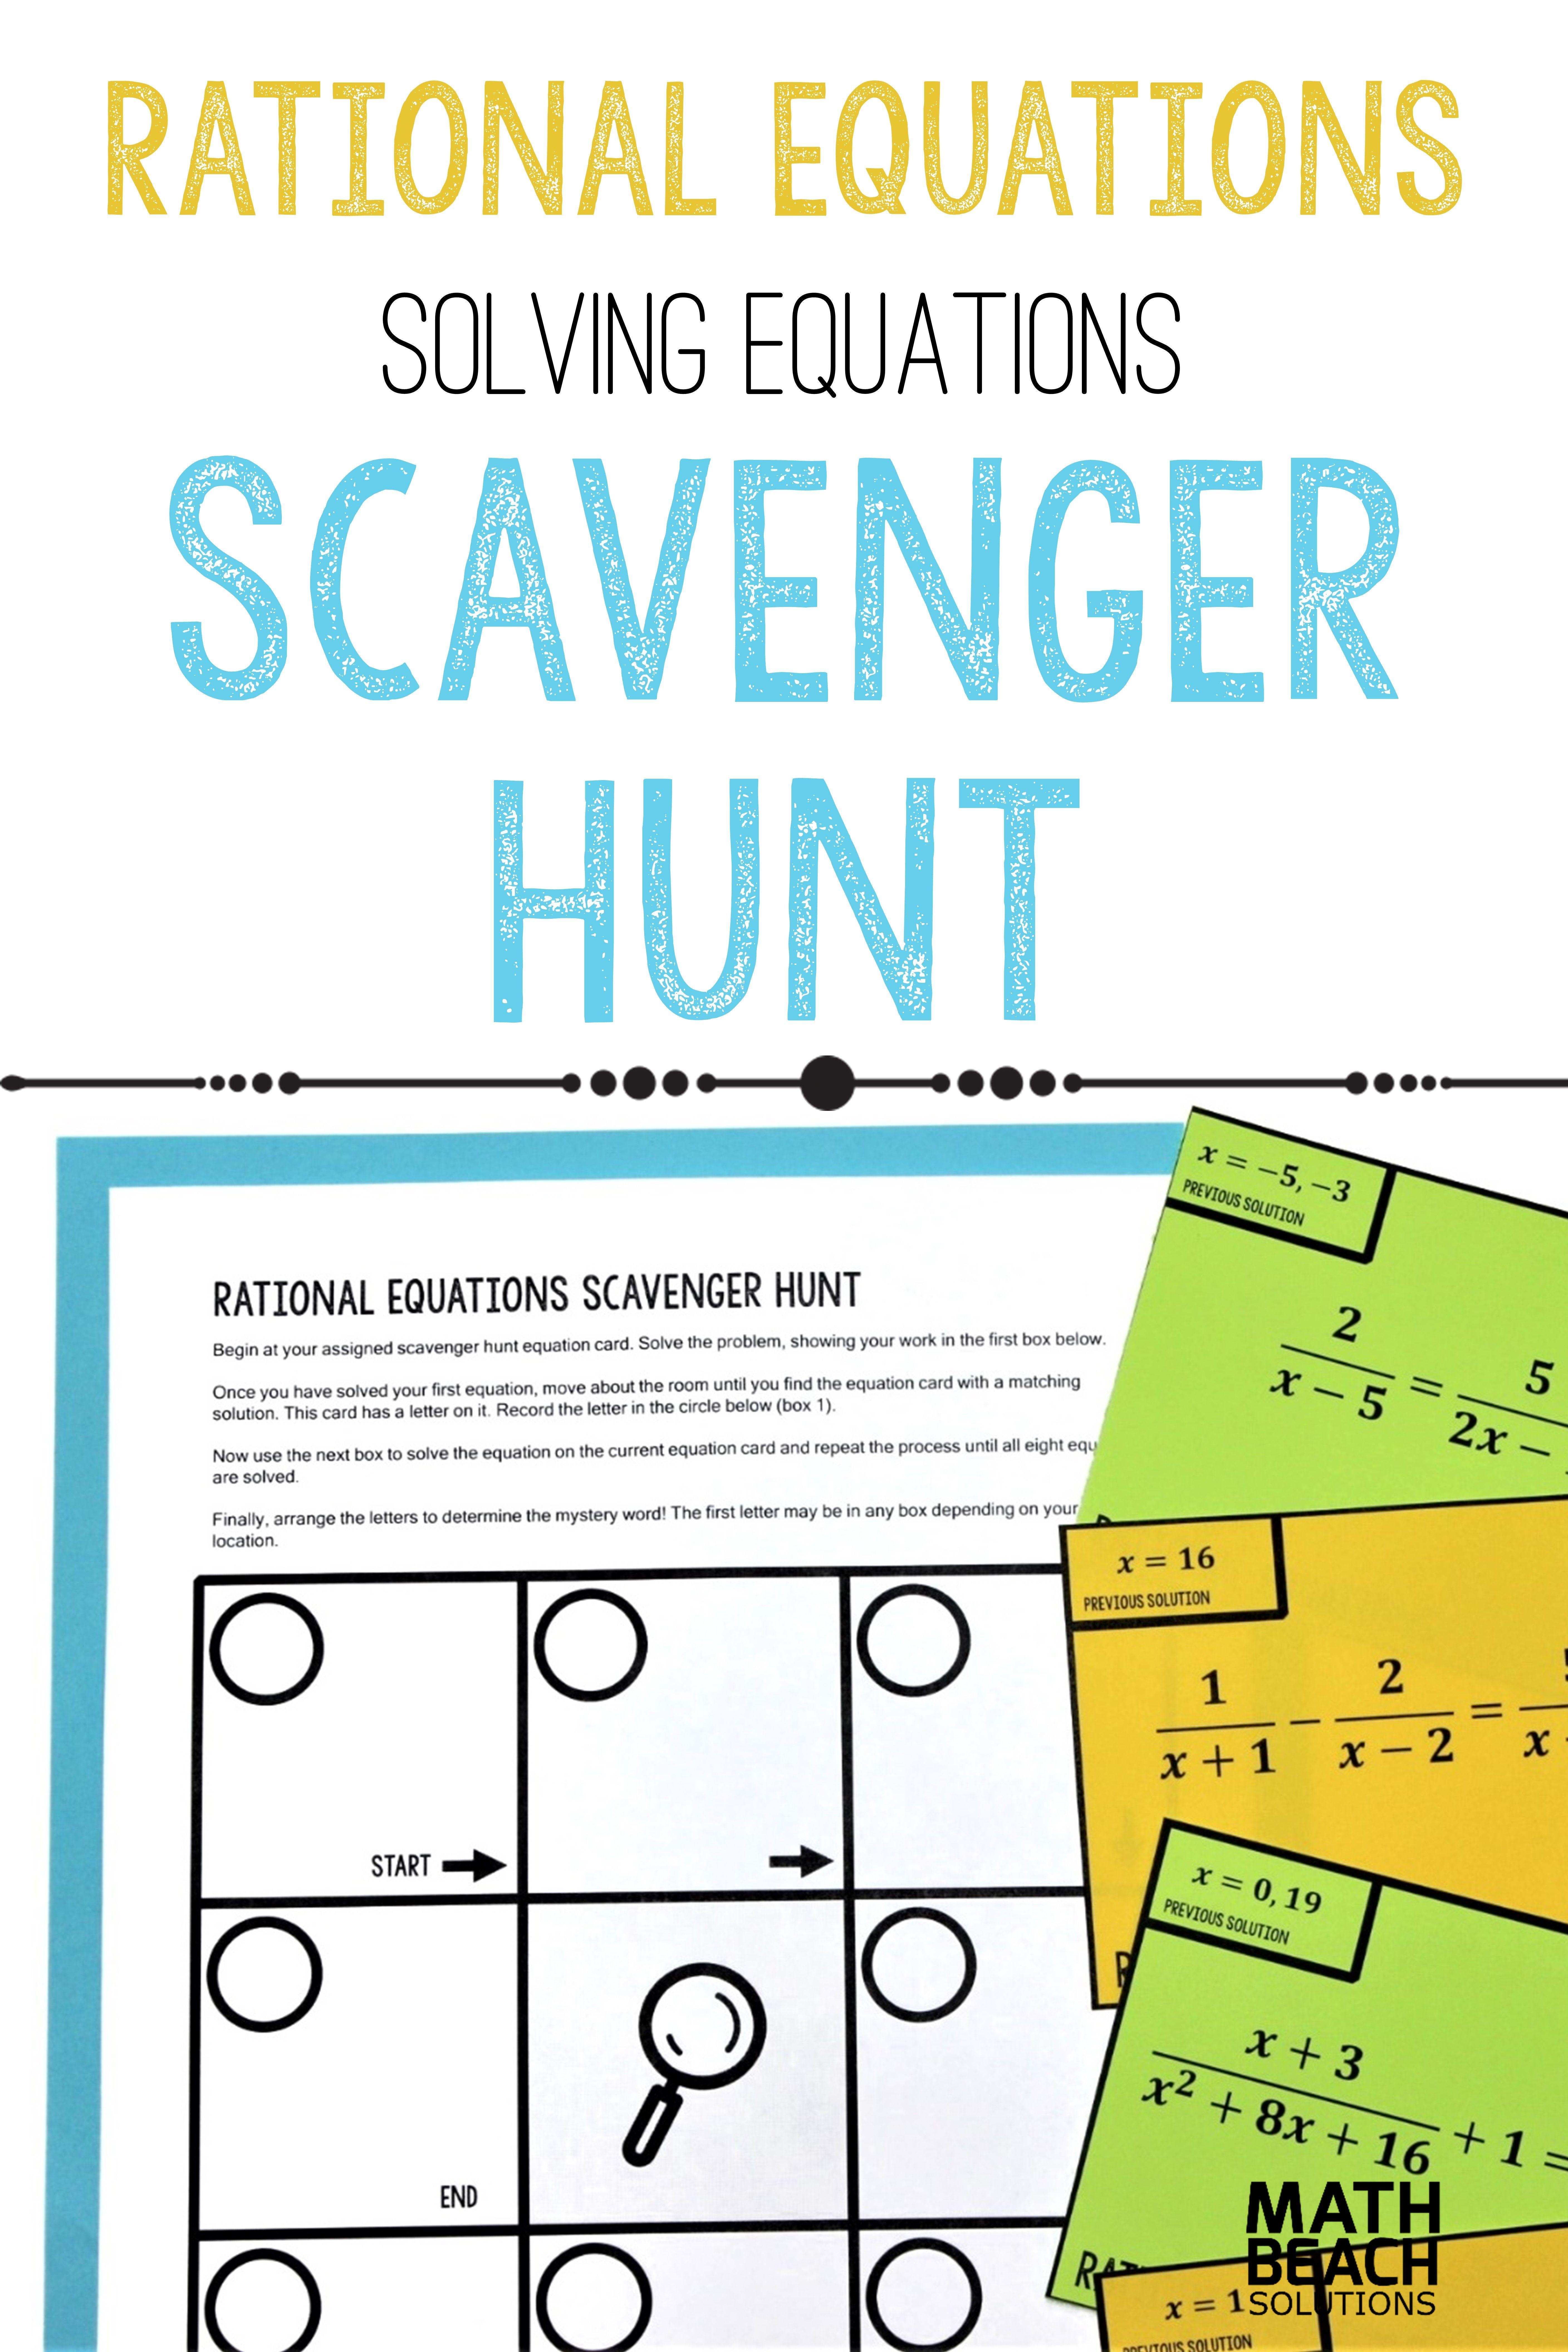 Solving Rational Equations Scavenger Hunt Activity Solving Equations Algebra Activities